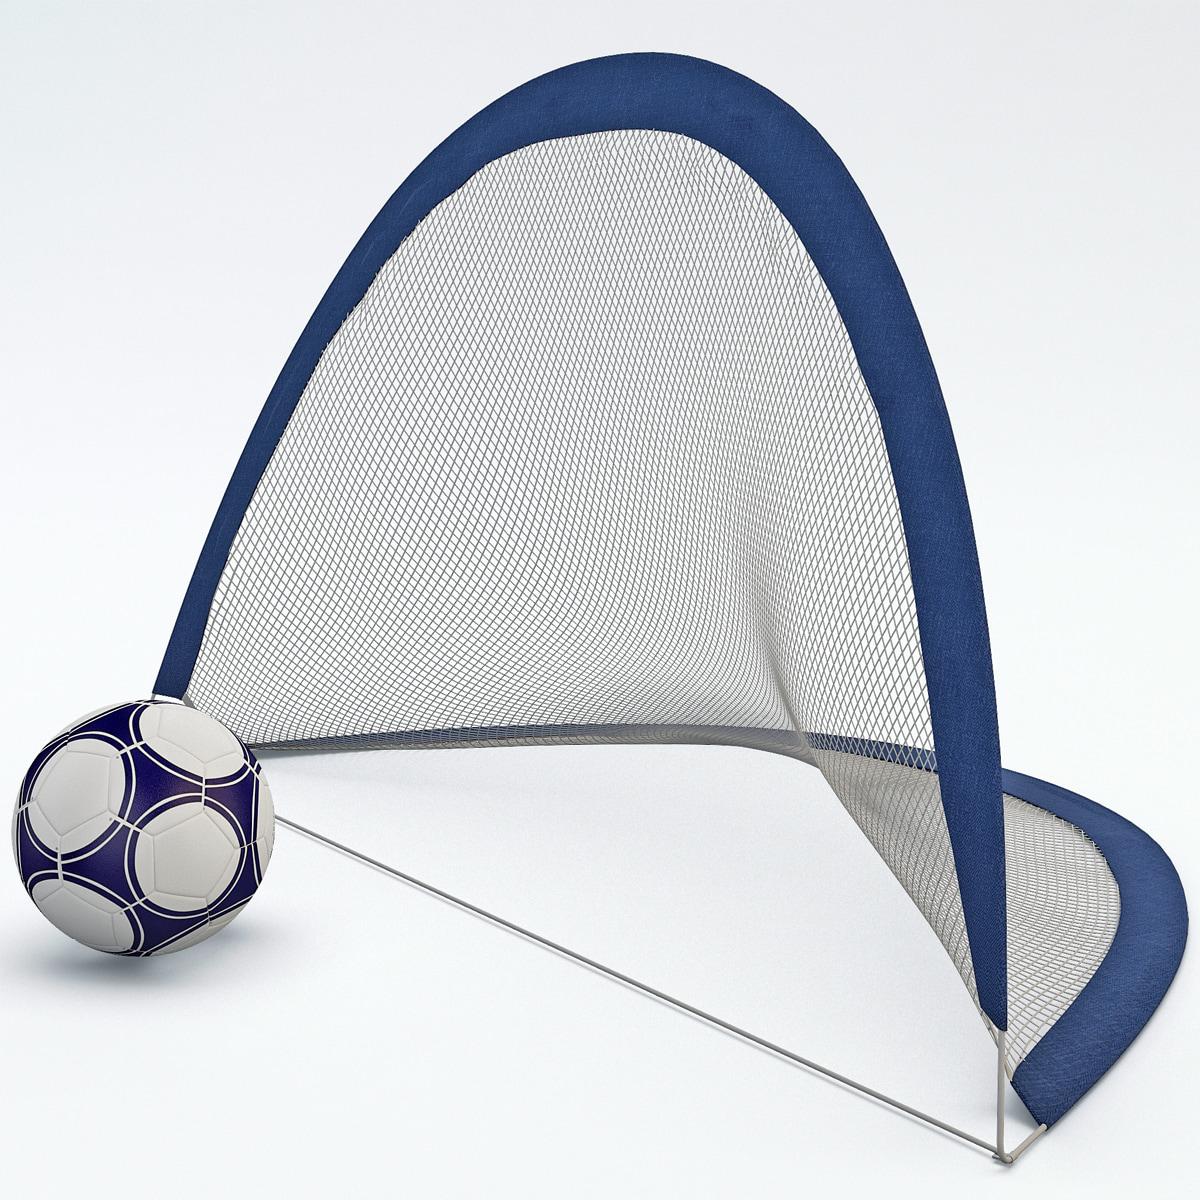 Portable Soccer Goals Set_2.jpg